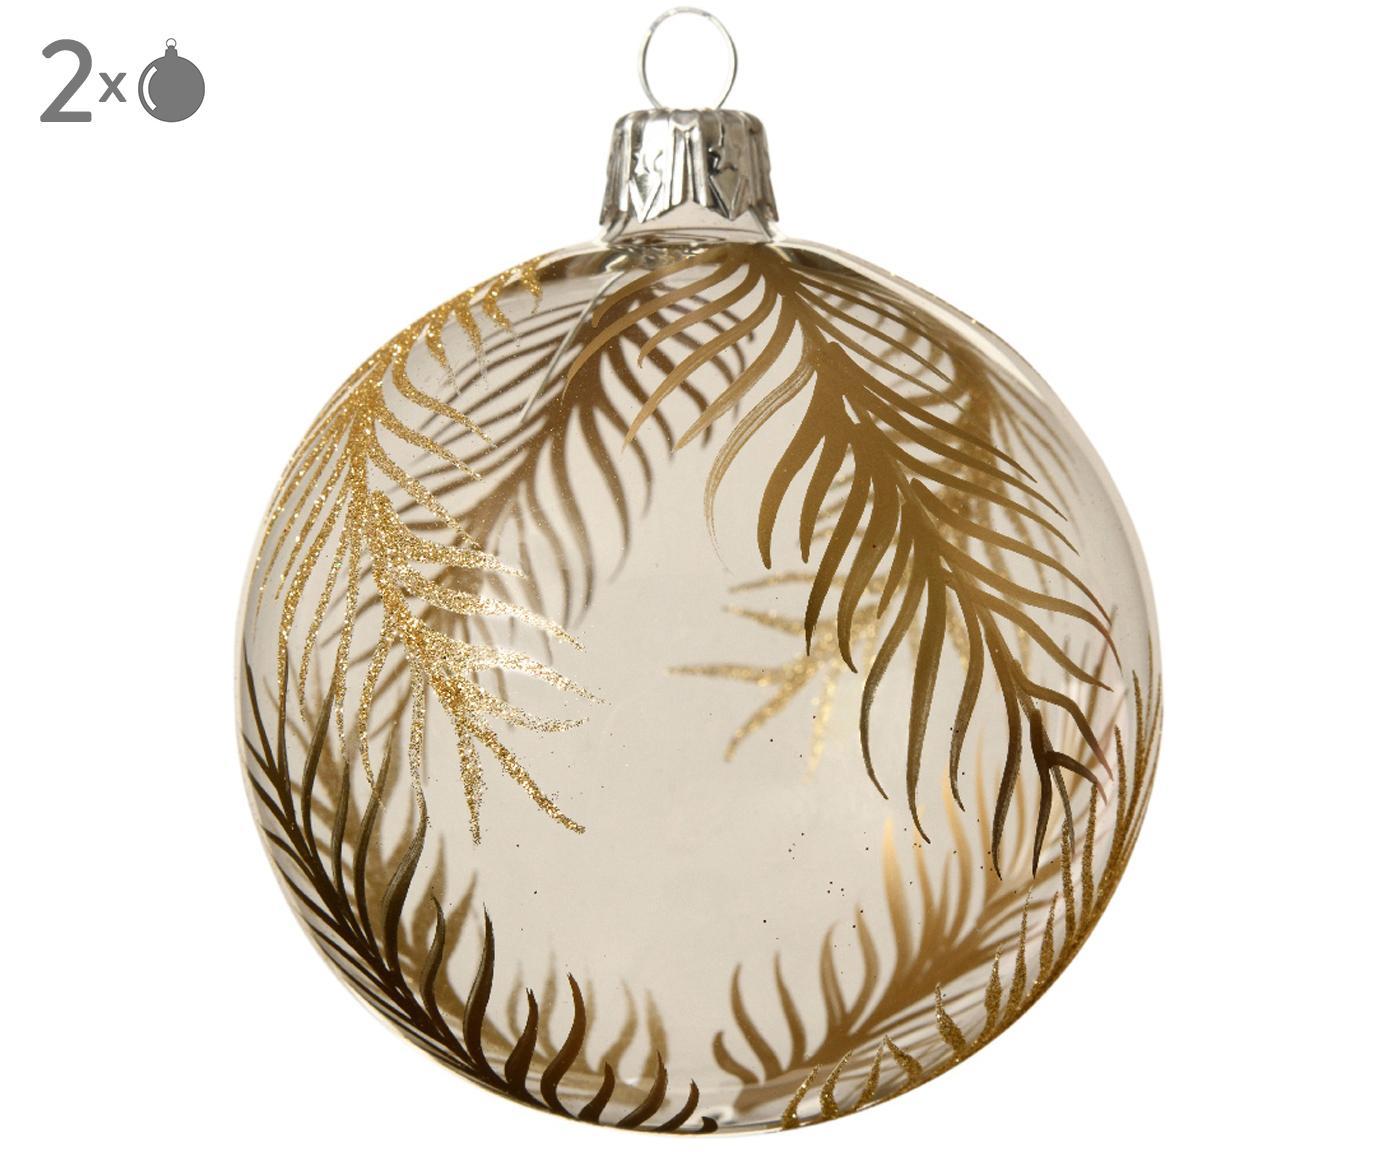 Palla di Natale Gold Leaves, 2 pz., Trasparente, dorato, Ø 8 cm